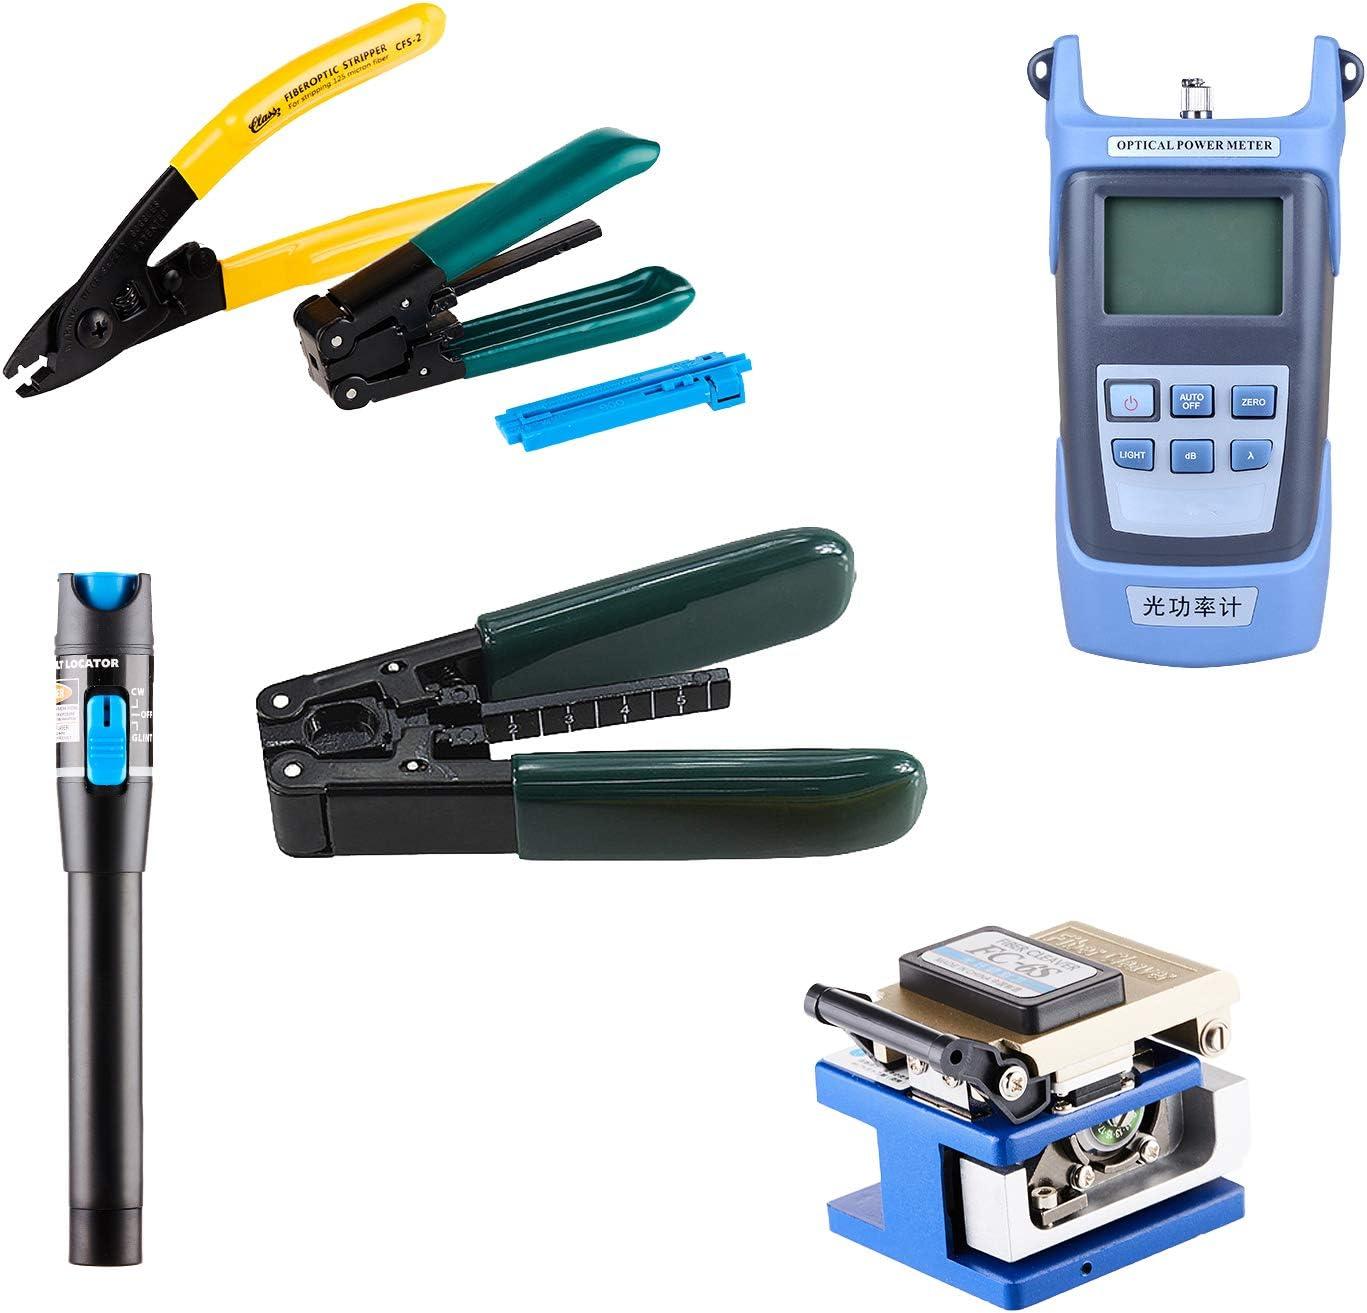 FTTH Empalme de empalme de fibra óptica Kit de pelado con cuchilla de fibra FC-6S FTTH Kit de empalme 18 en 1